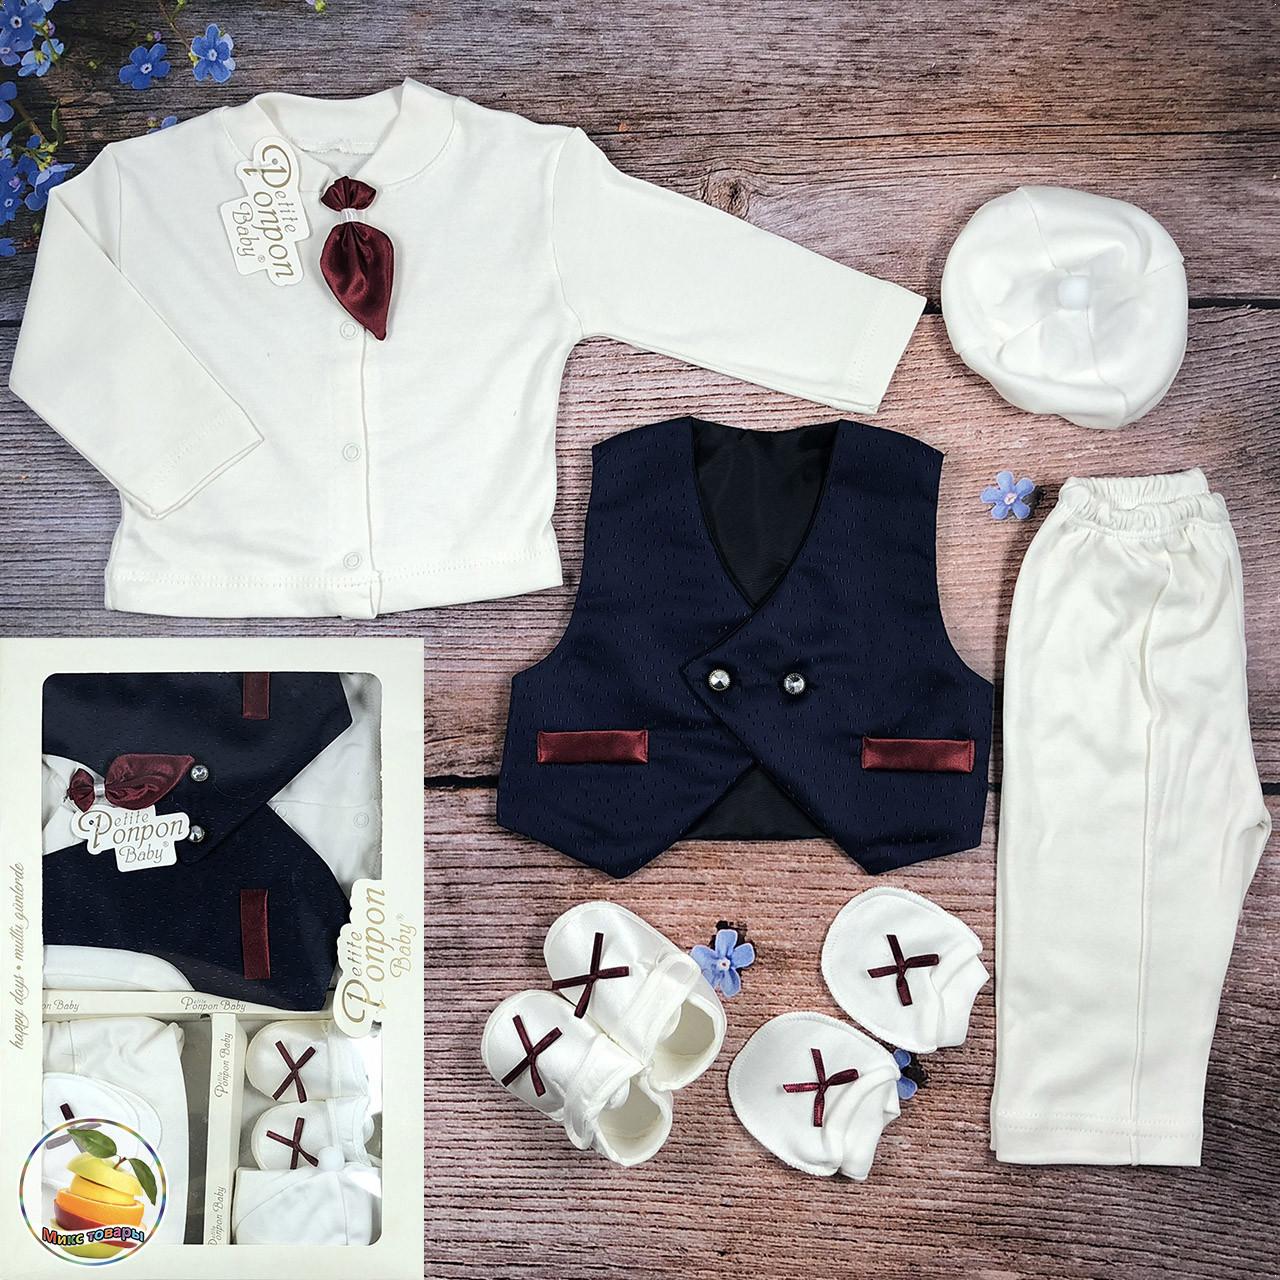 Крестильный костюм для мальчика Размер: 0-3 месяца (8897)